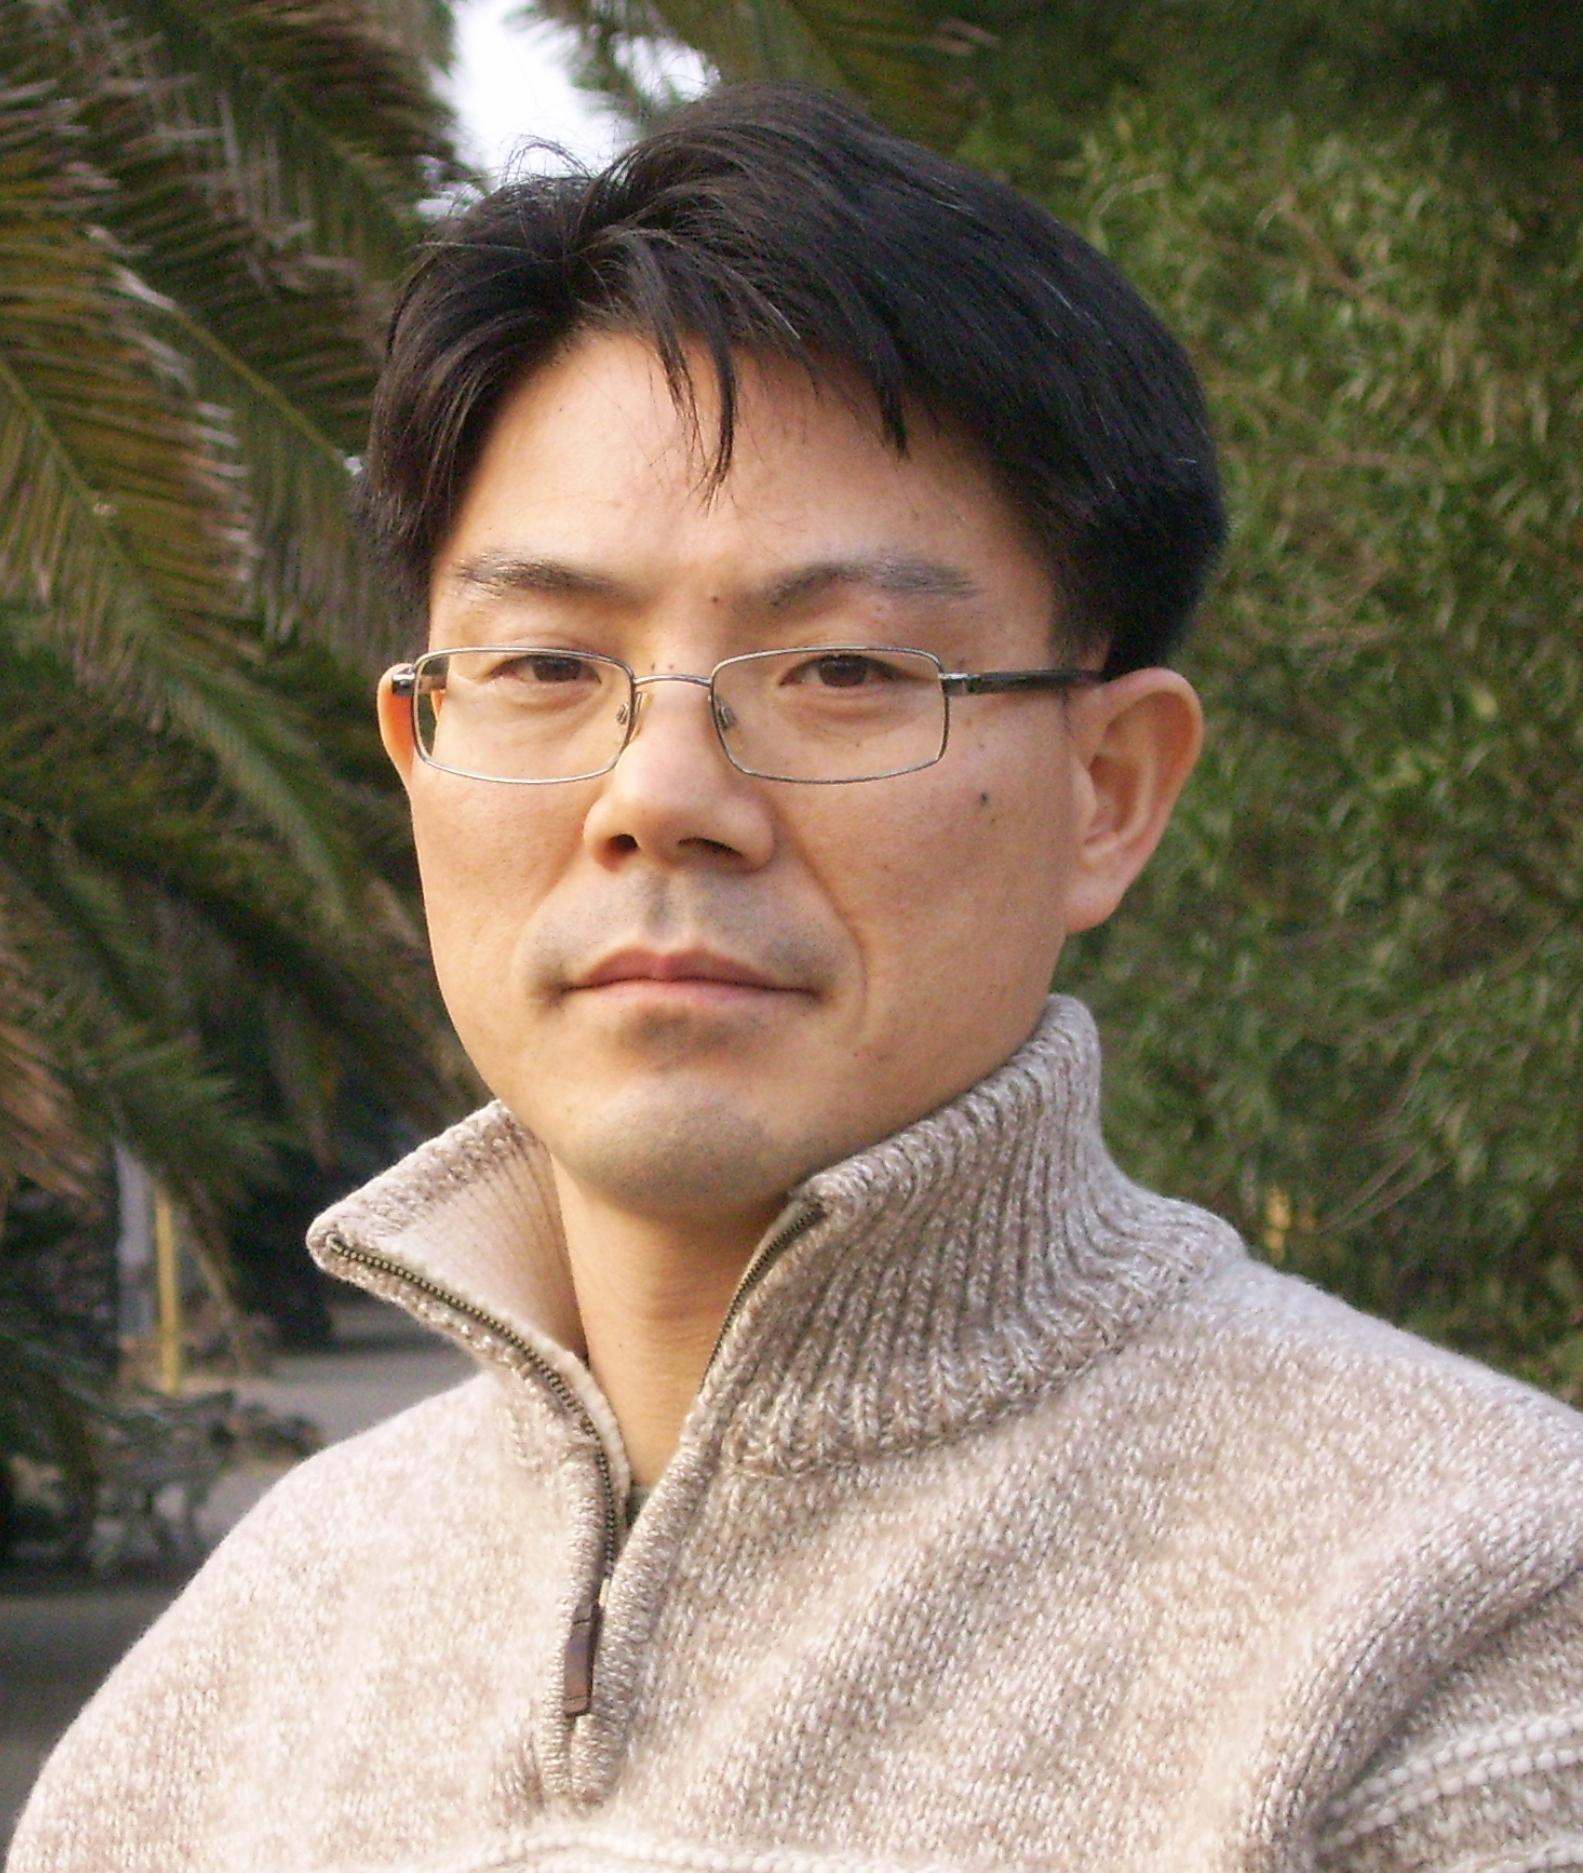 홍석표(洪昔杓) 교수님 사진